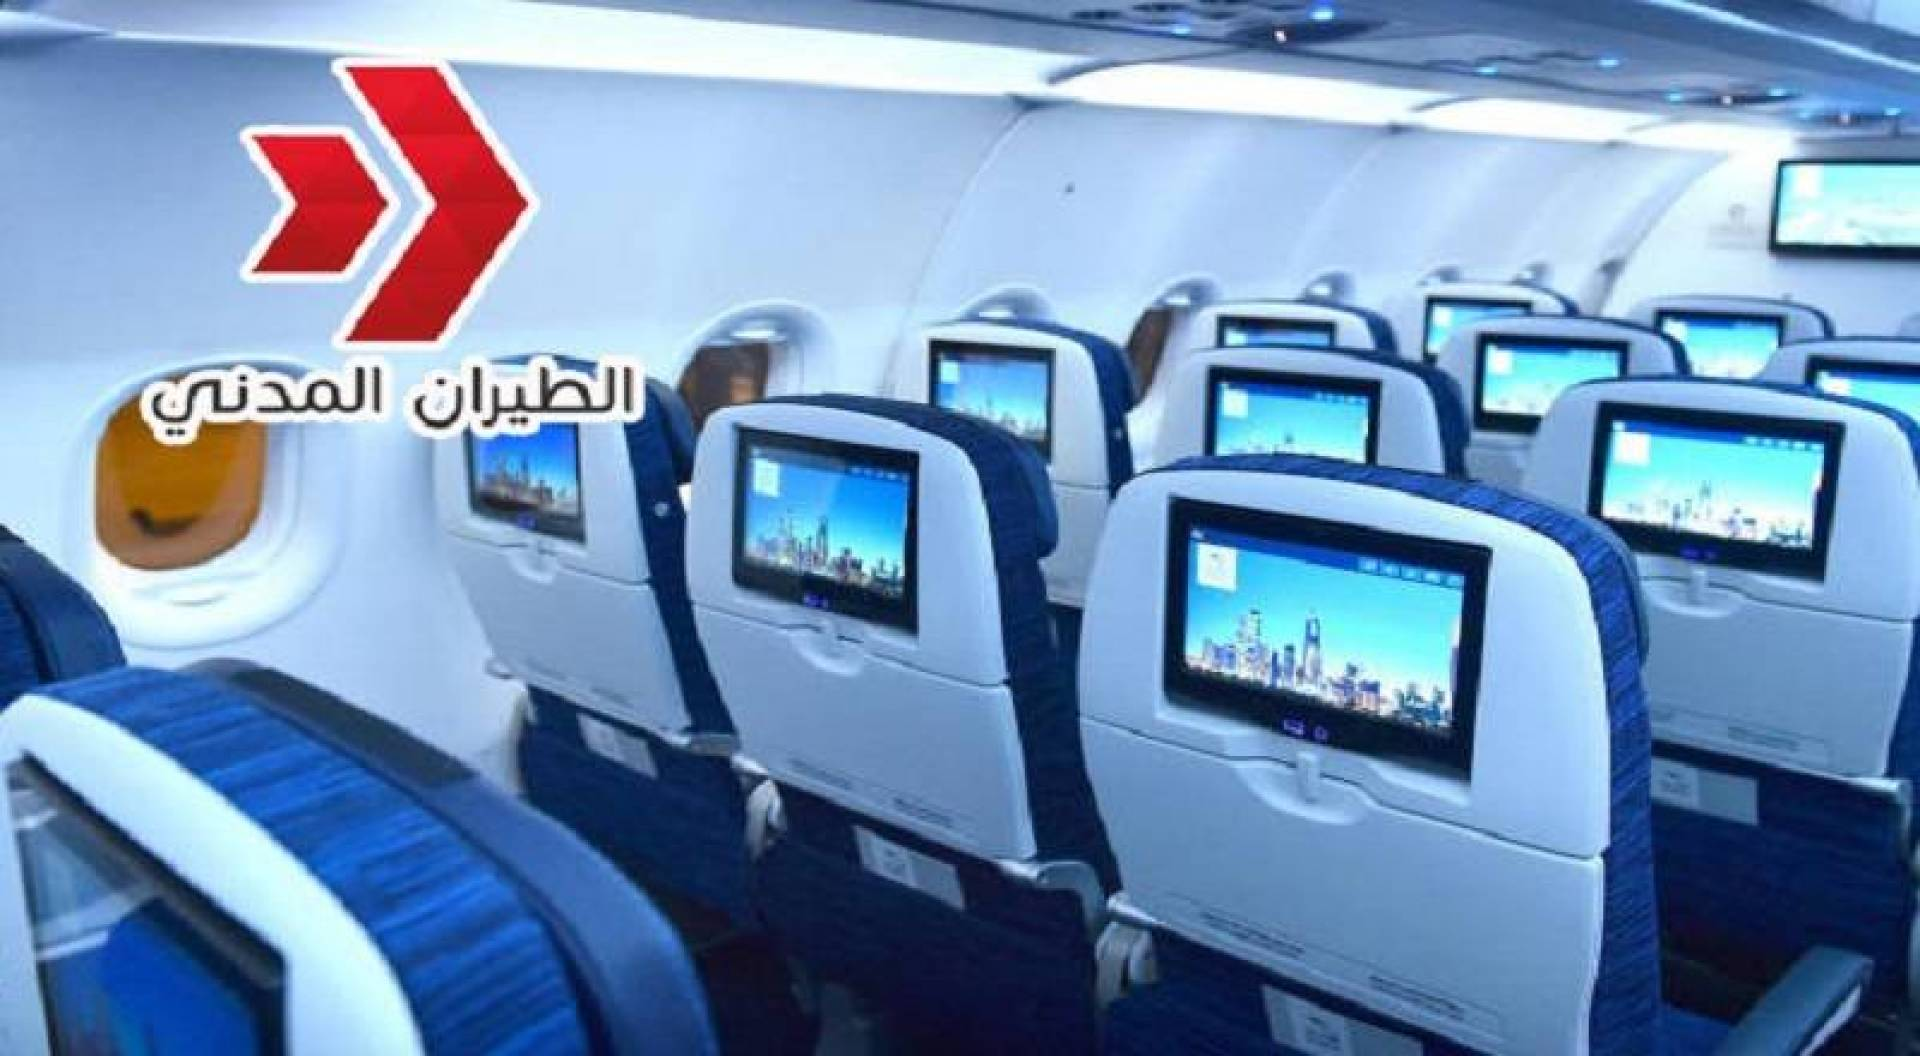 «الطيران المدني»: 35 راكباً السعة التشغيلية لرحلات الوصول إلى الكويت.. اعتباراً من الأحد